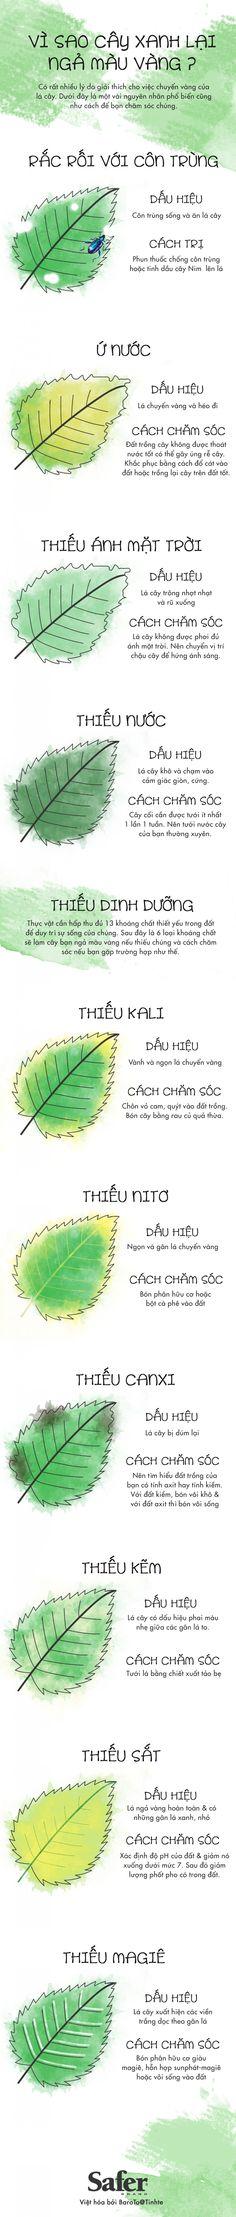 [Infographic] vi sao cay xanh nga mau vang.